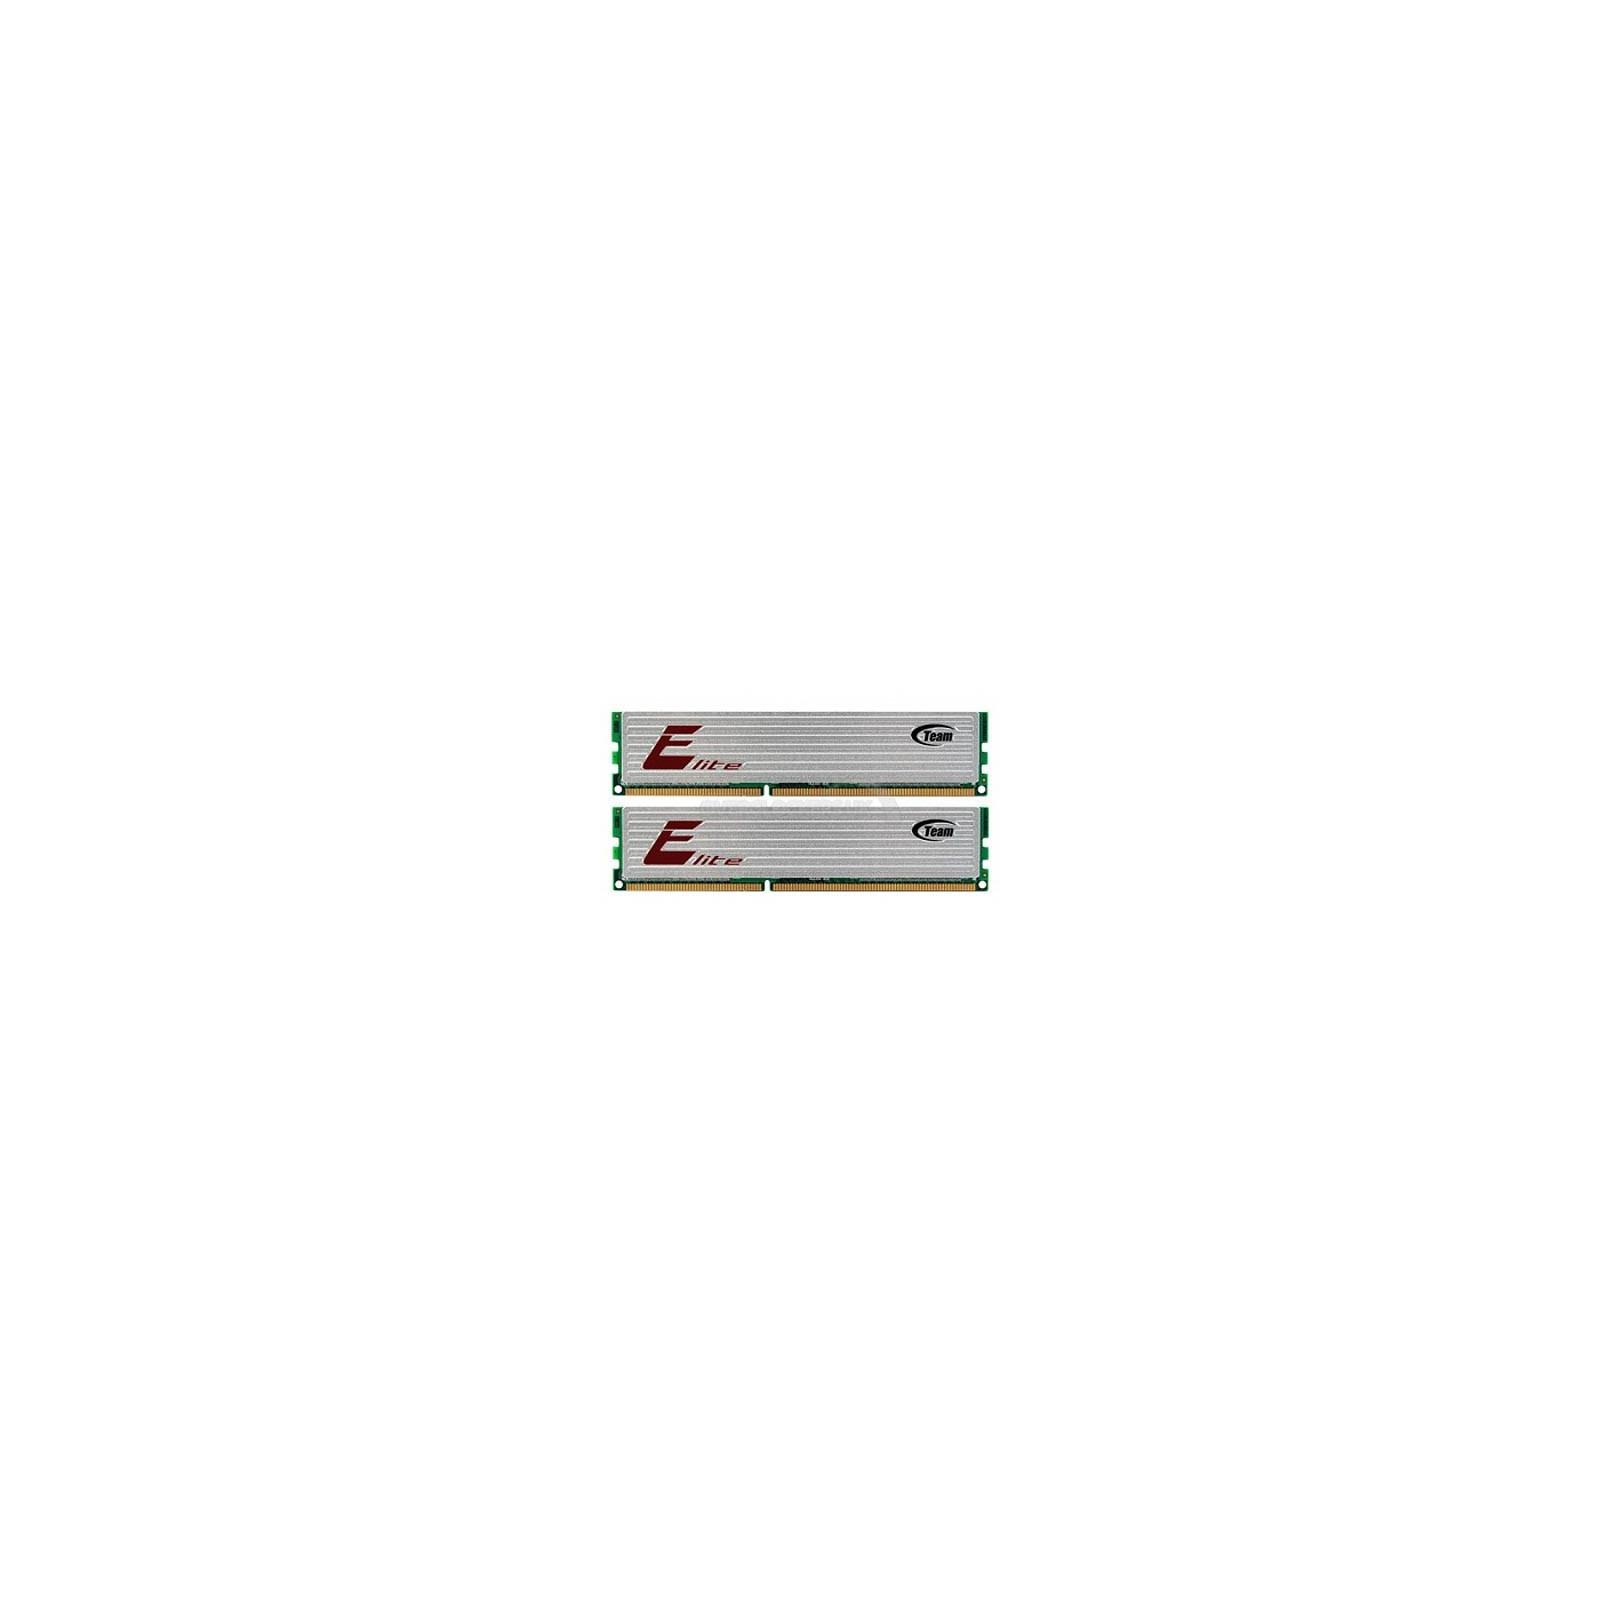 Модуль памяти для компьютера DDR3 4GB (2x2GB) 1600 MHz Team (TED34GM1600HC11DC01 /TED34G1600HC11DC01)